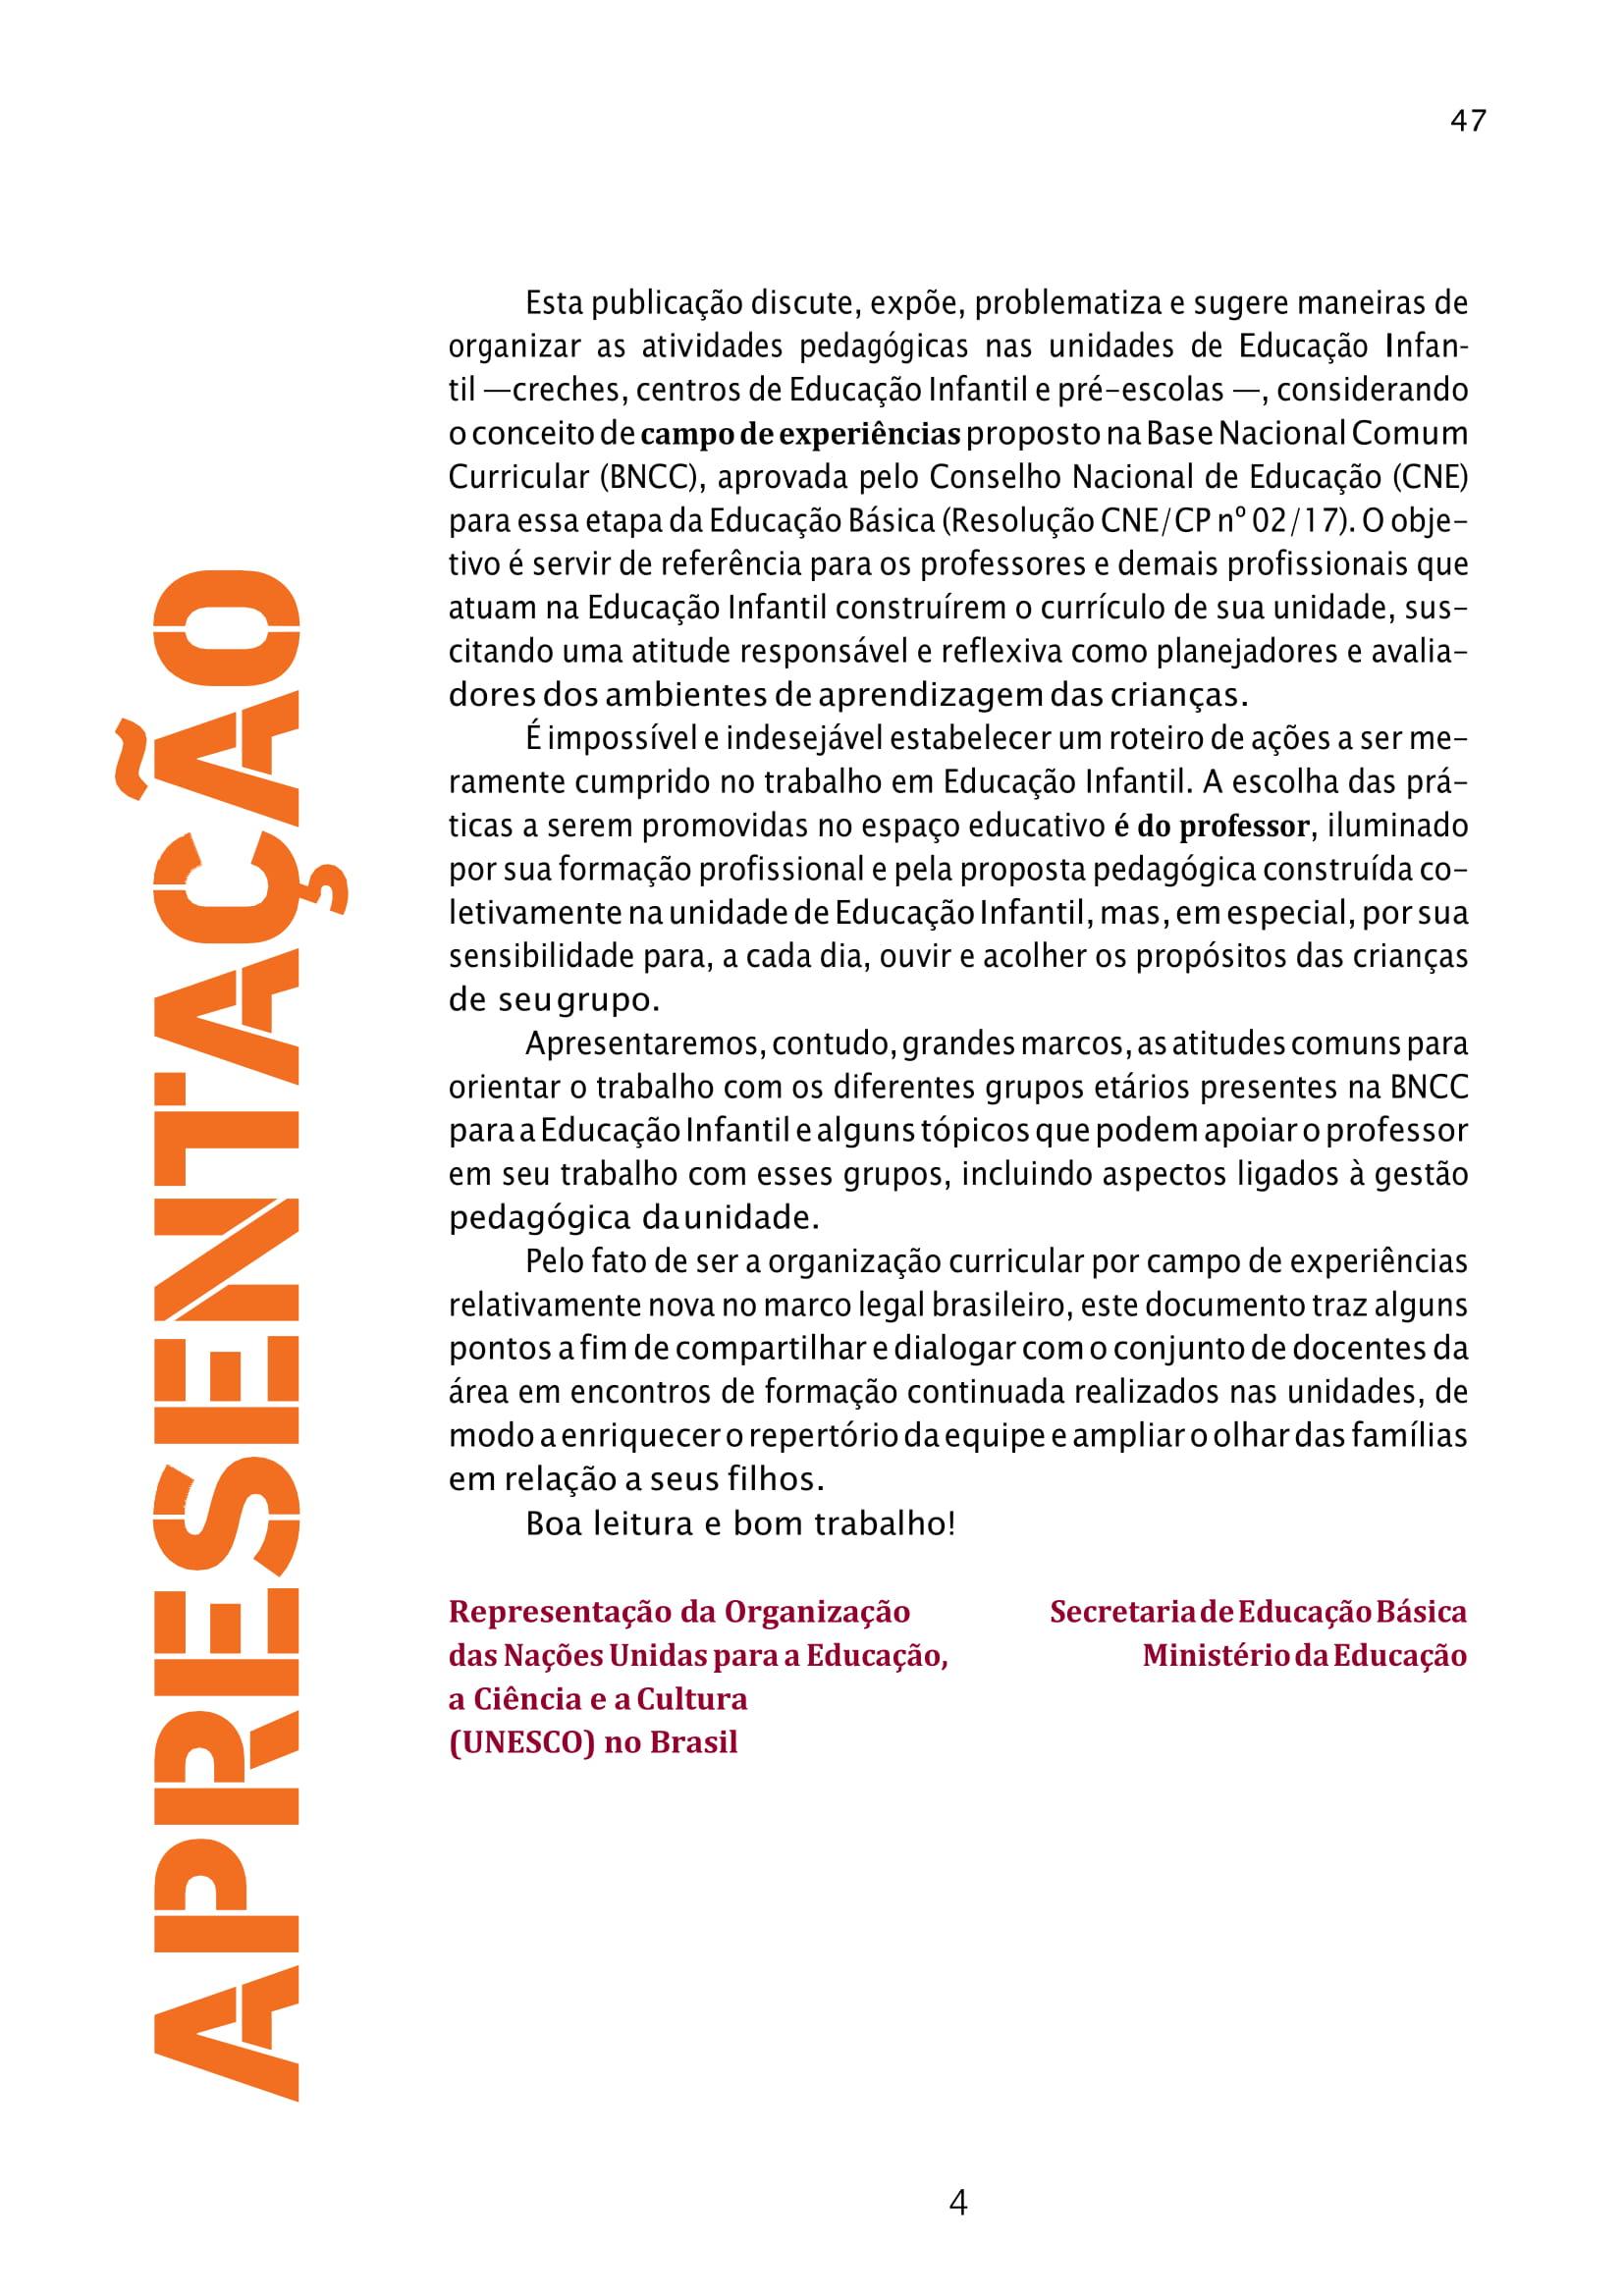 planejamento-educação-infantil-bncc-geral-77